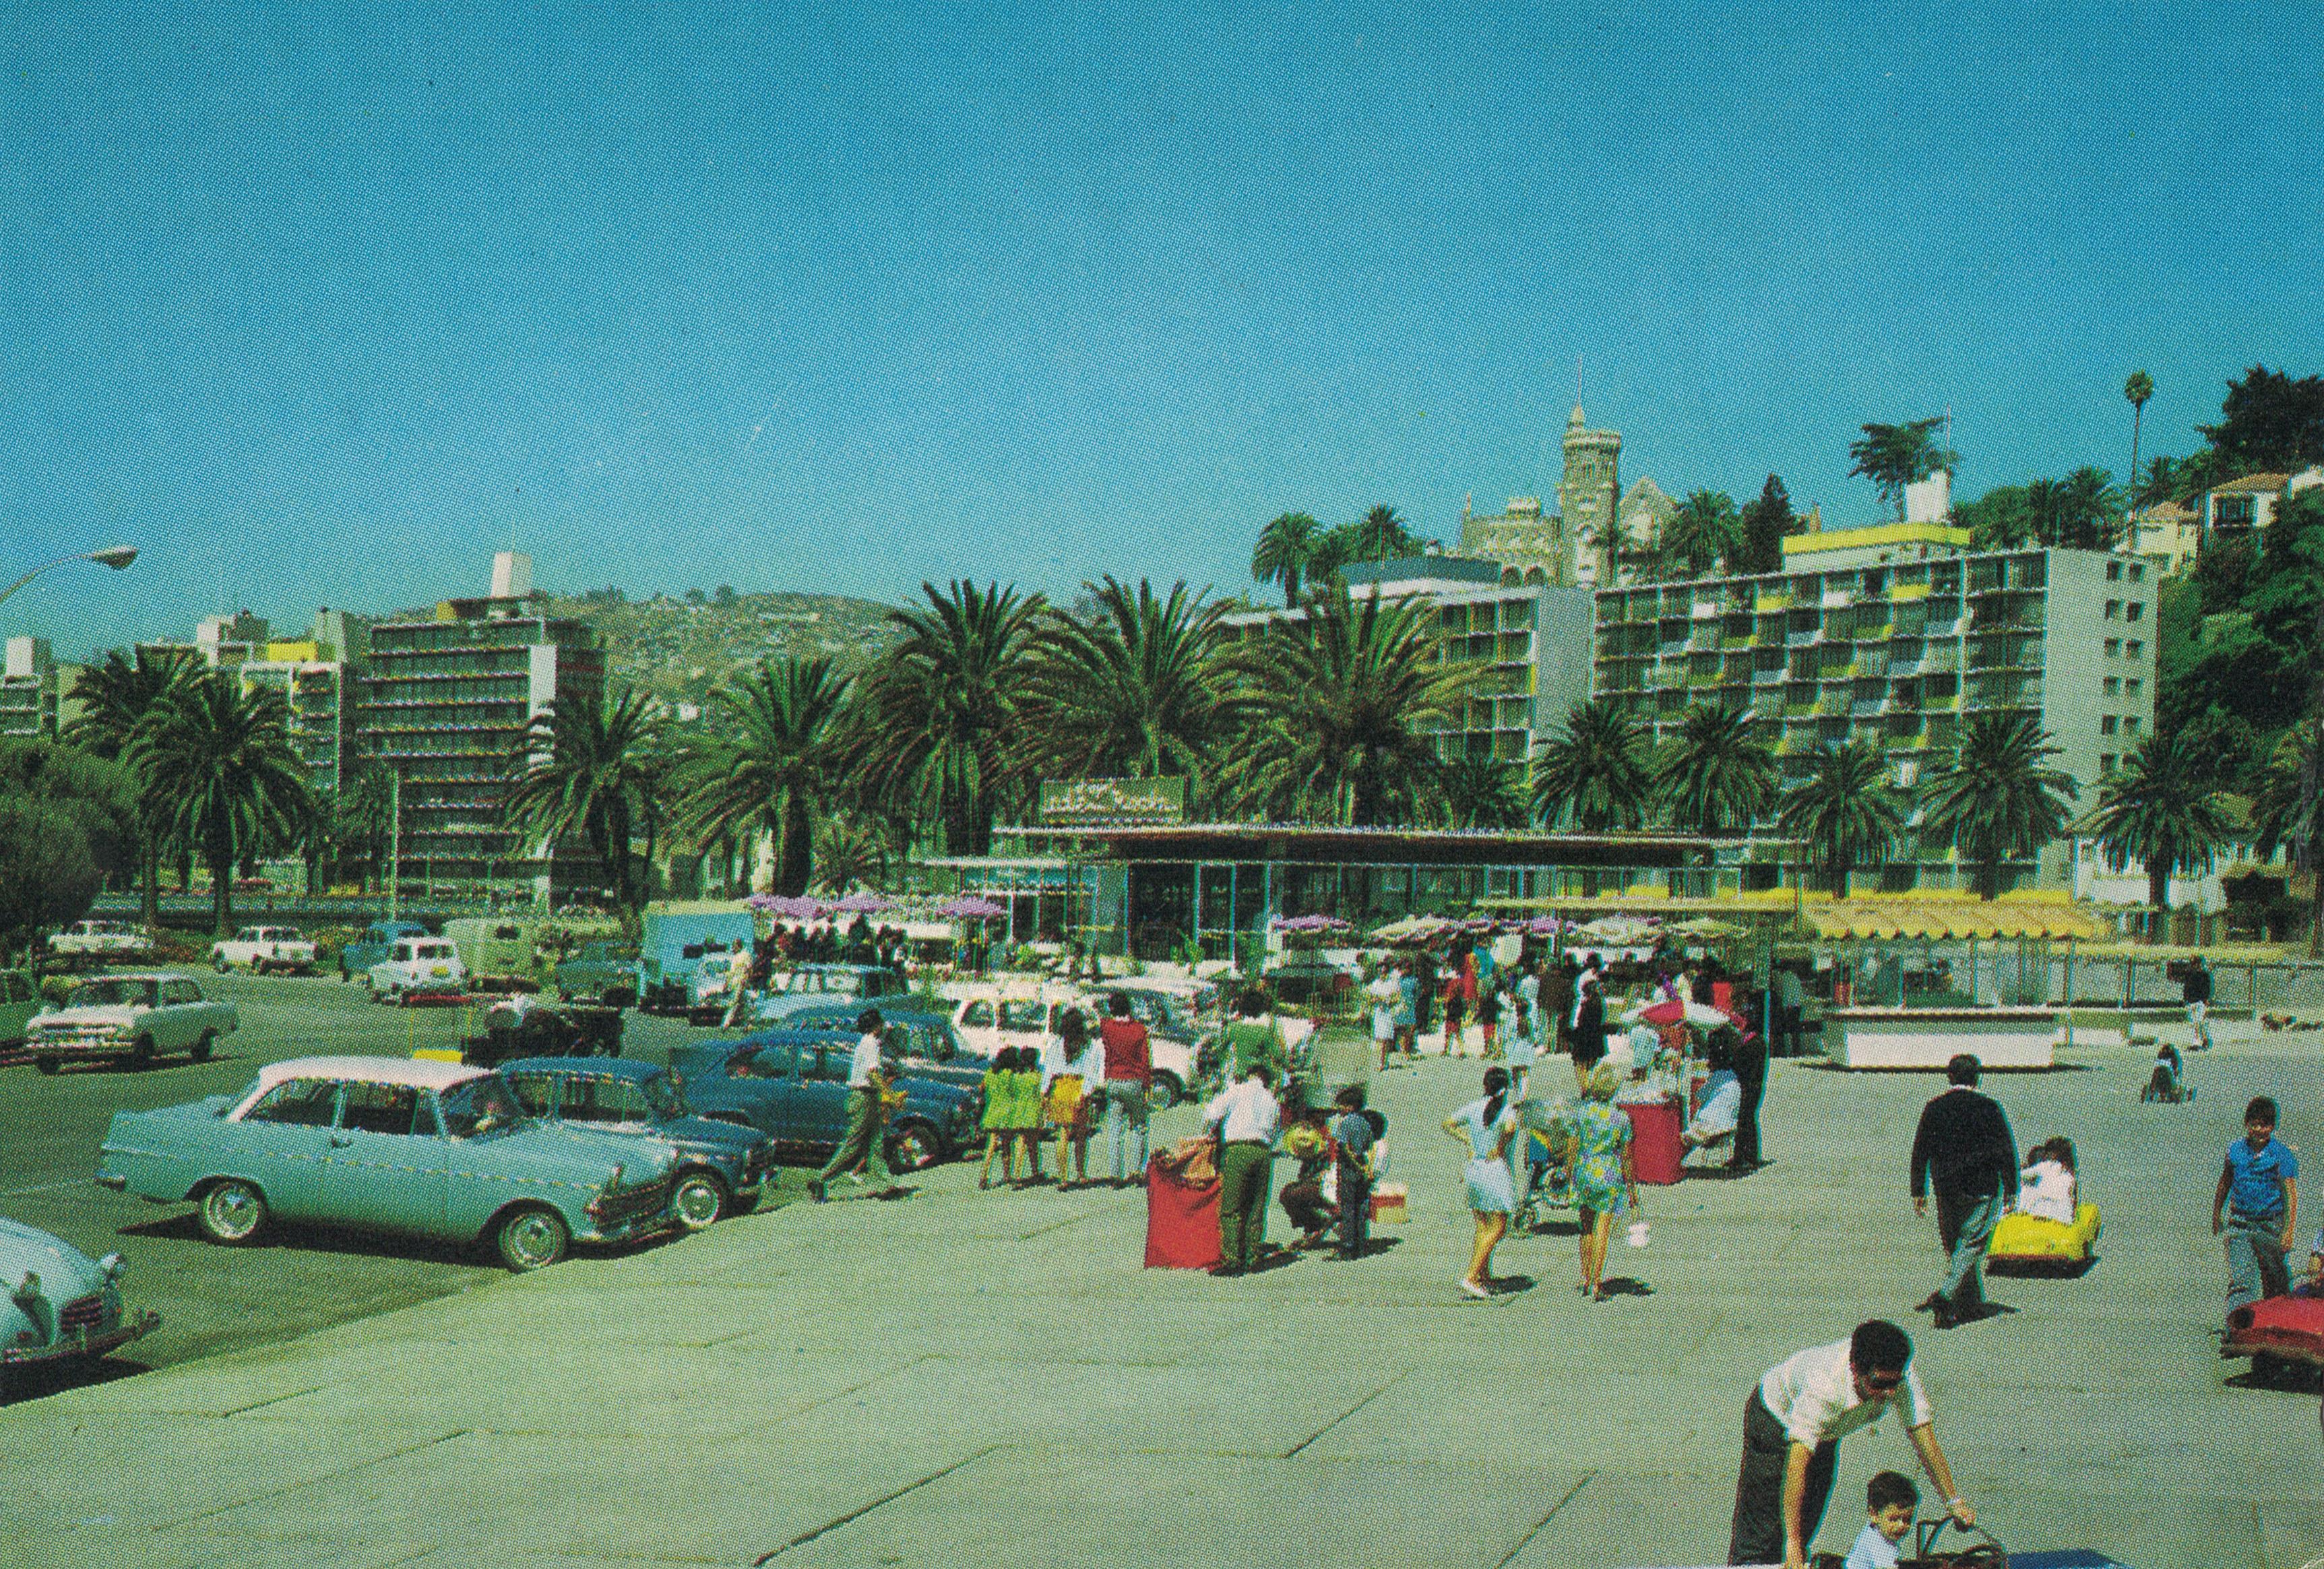 Enterreno - Fotos históricas de chile - fotos antiguas de Chile - Avenida Perú, Viña del Mar en los años 60´s